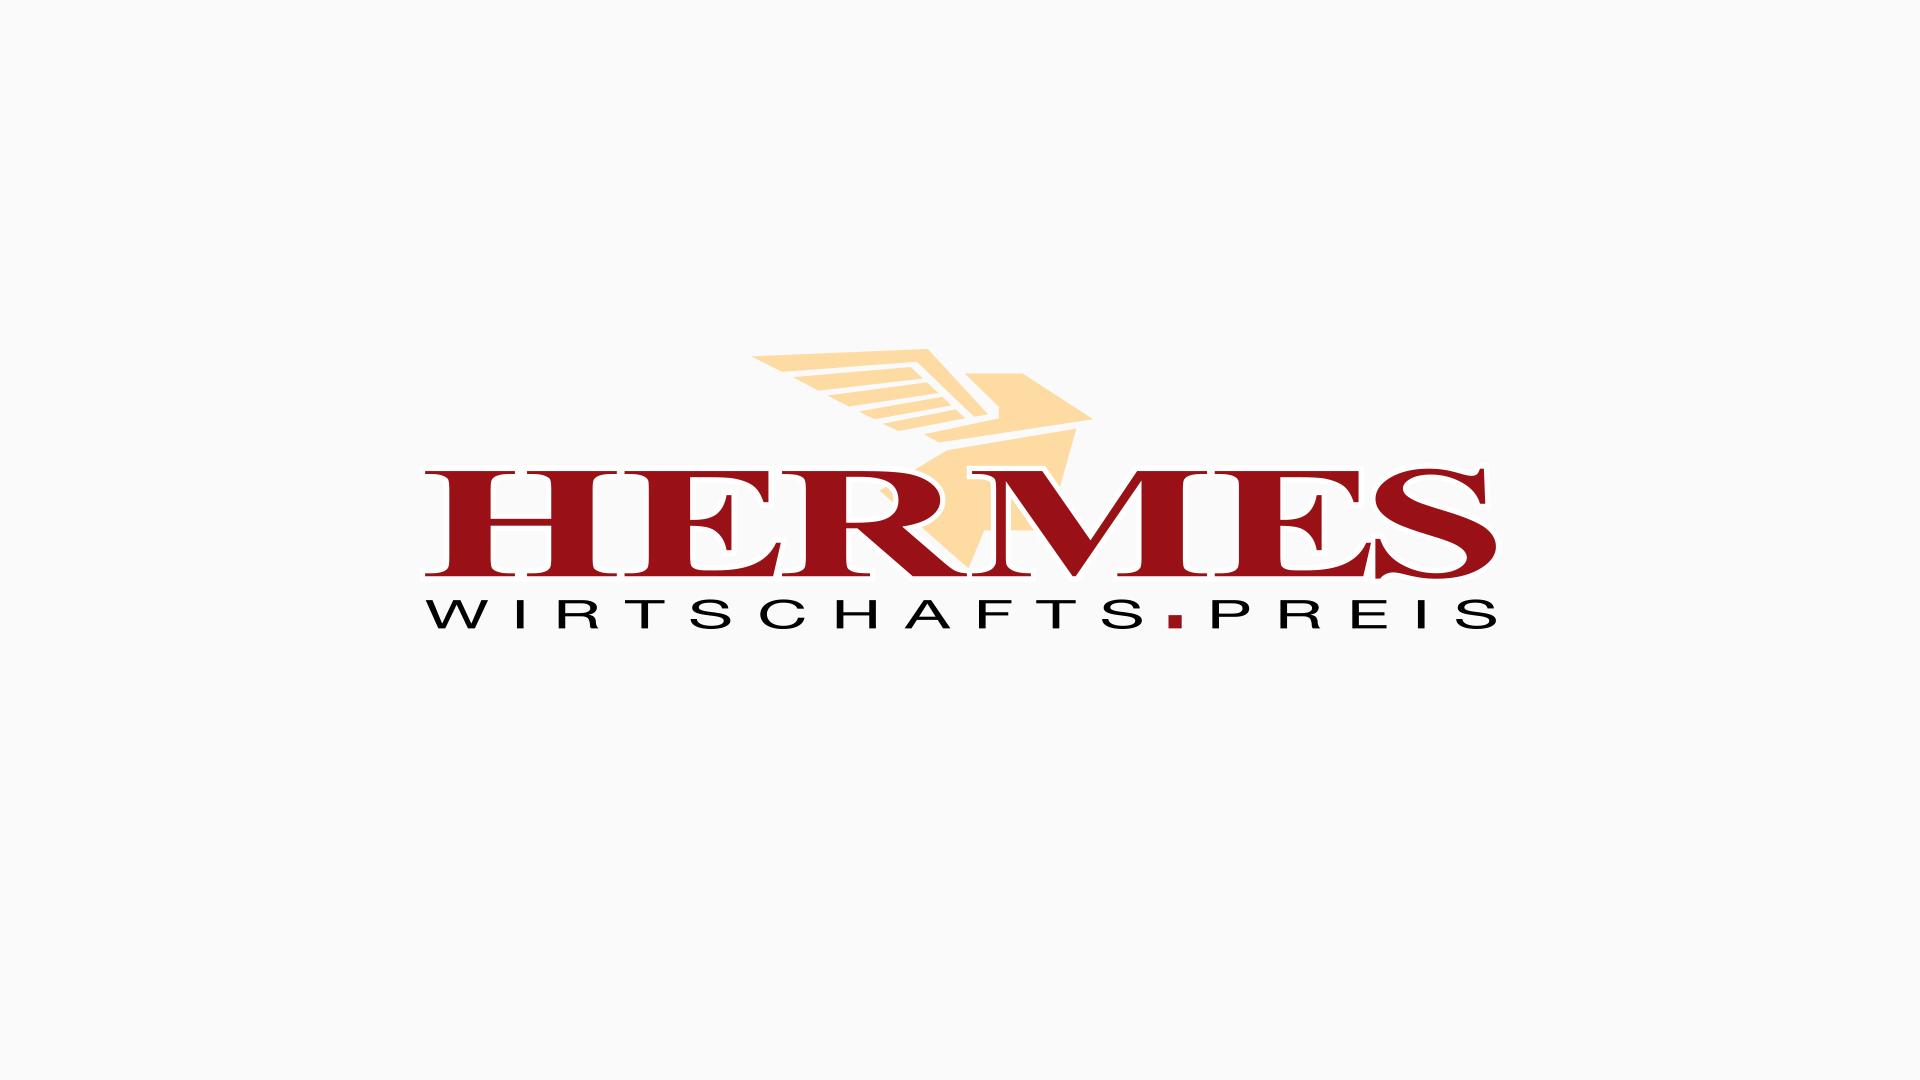 Hermes Wirtschaftspreis Logo